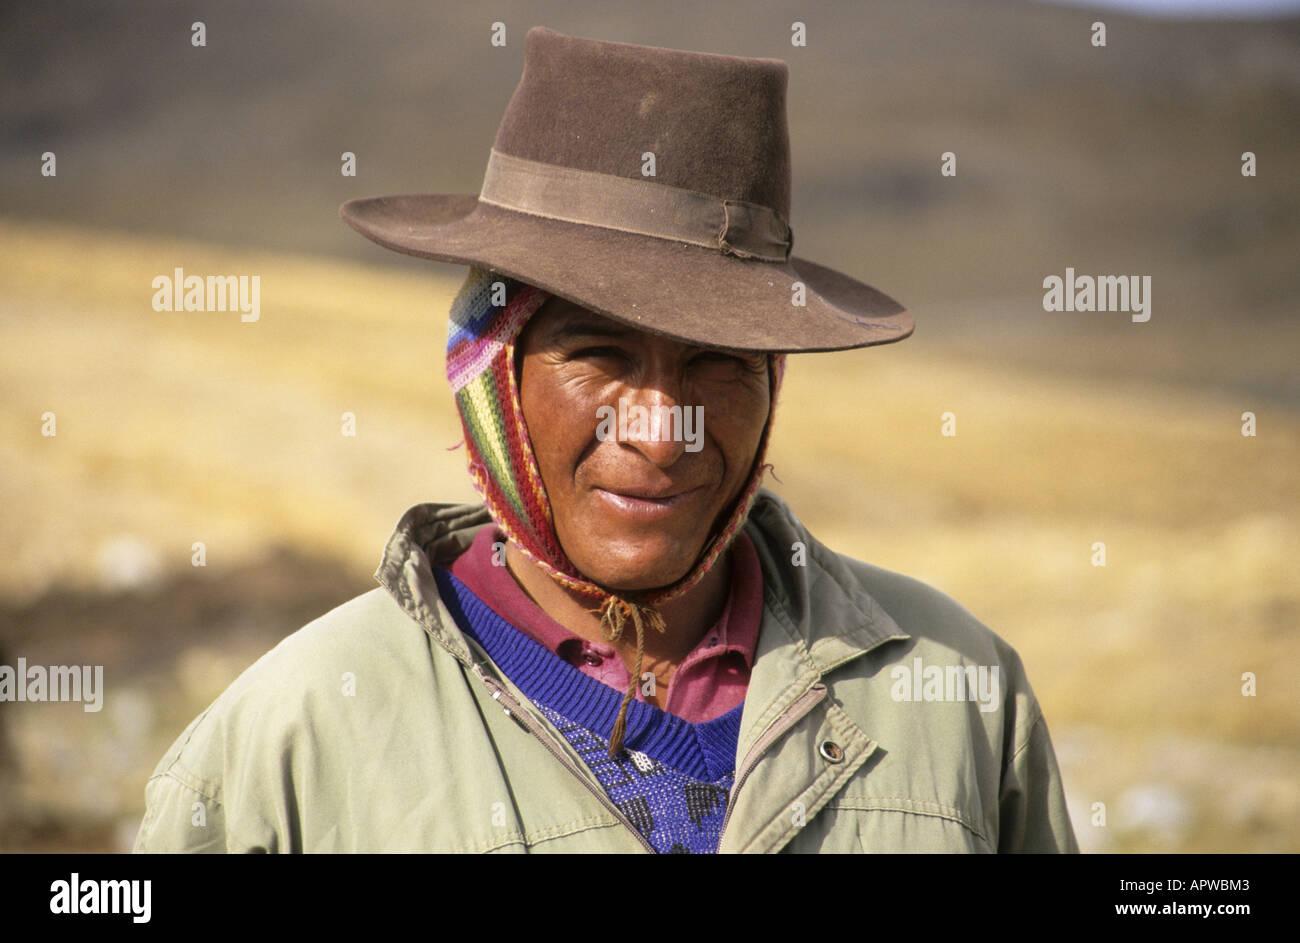 Contadino peruviano con tipico Inca caratteristiche facciali indossando un  cappello. d64c789d5dcf